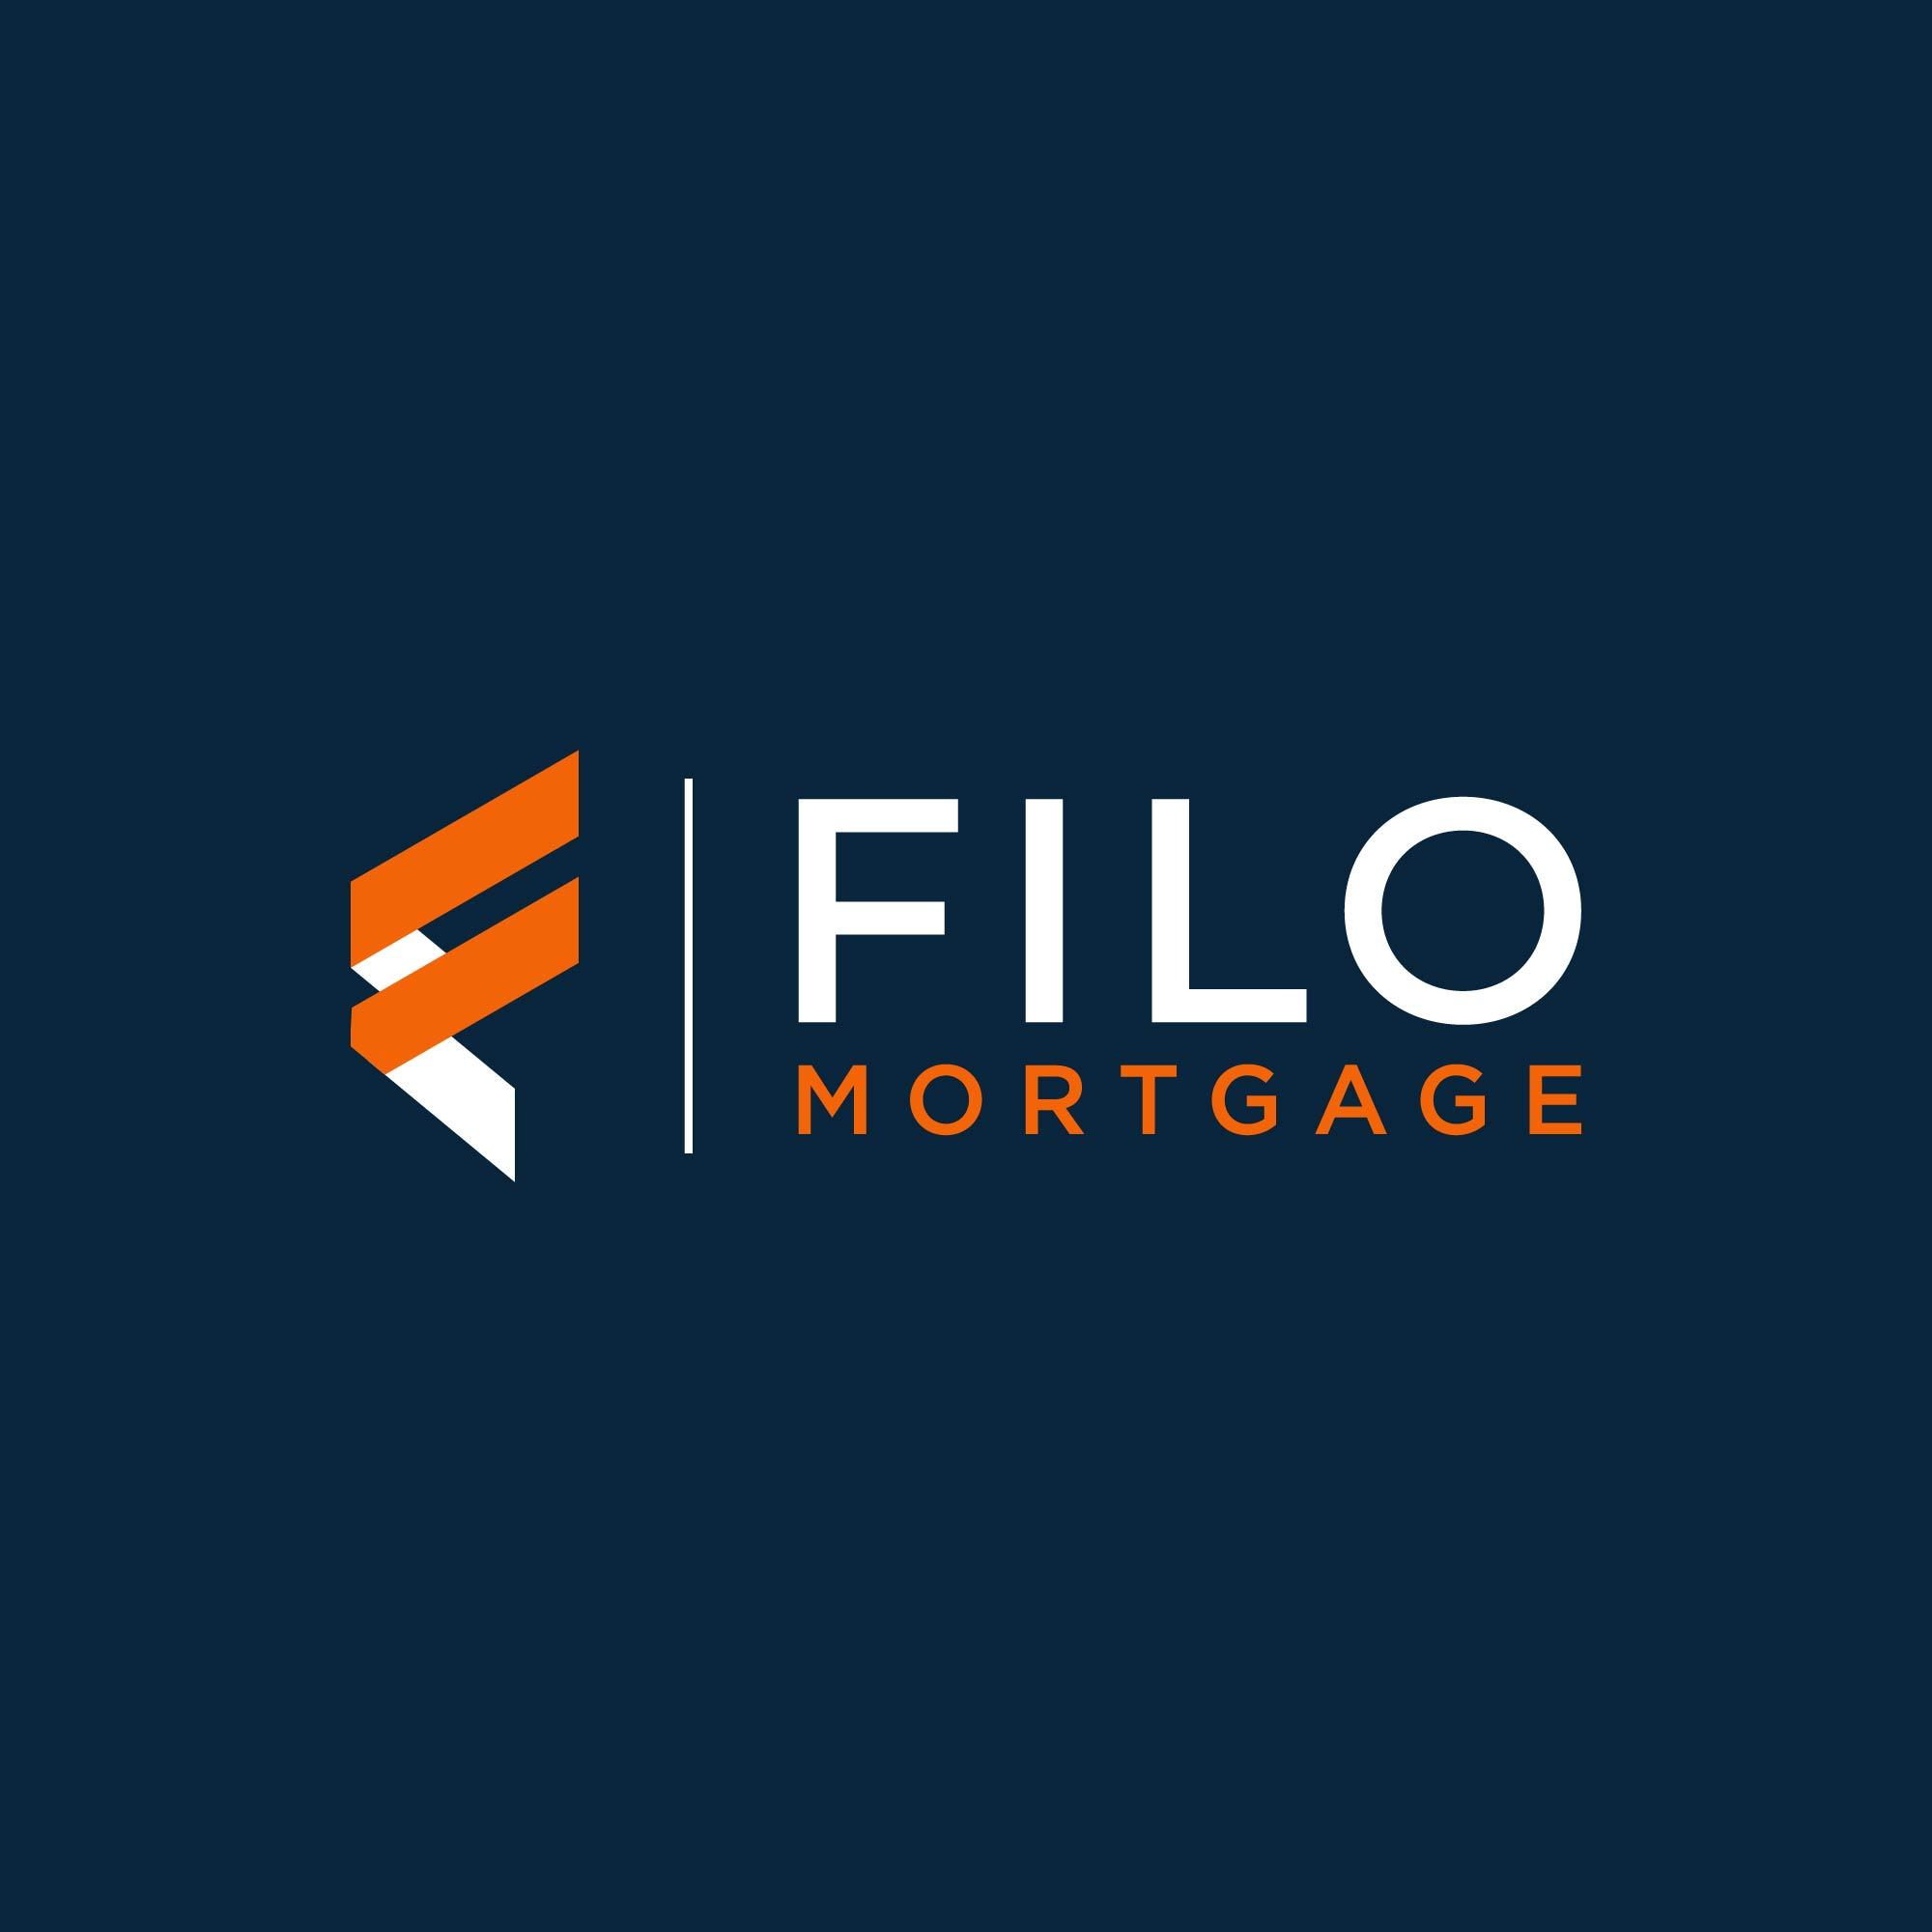 Filo Mortgage